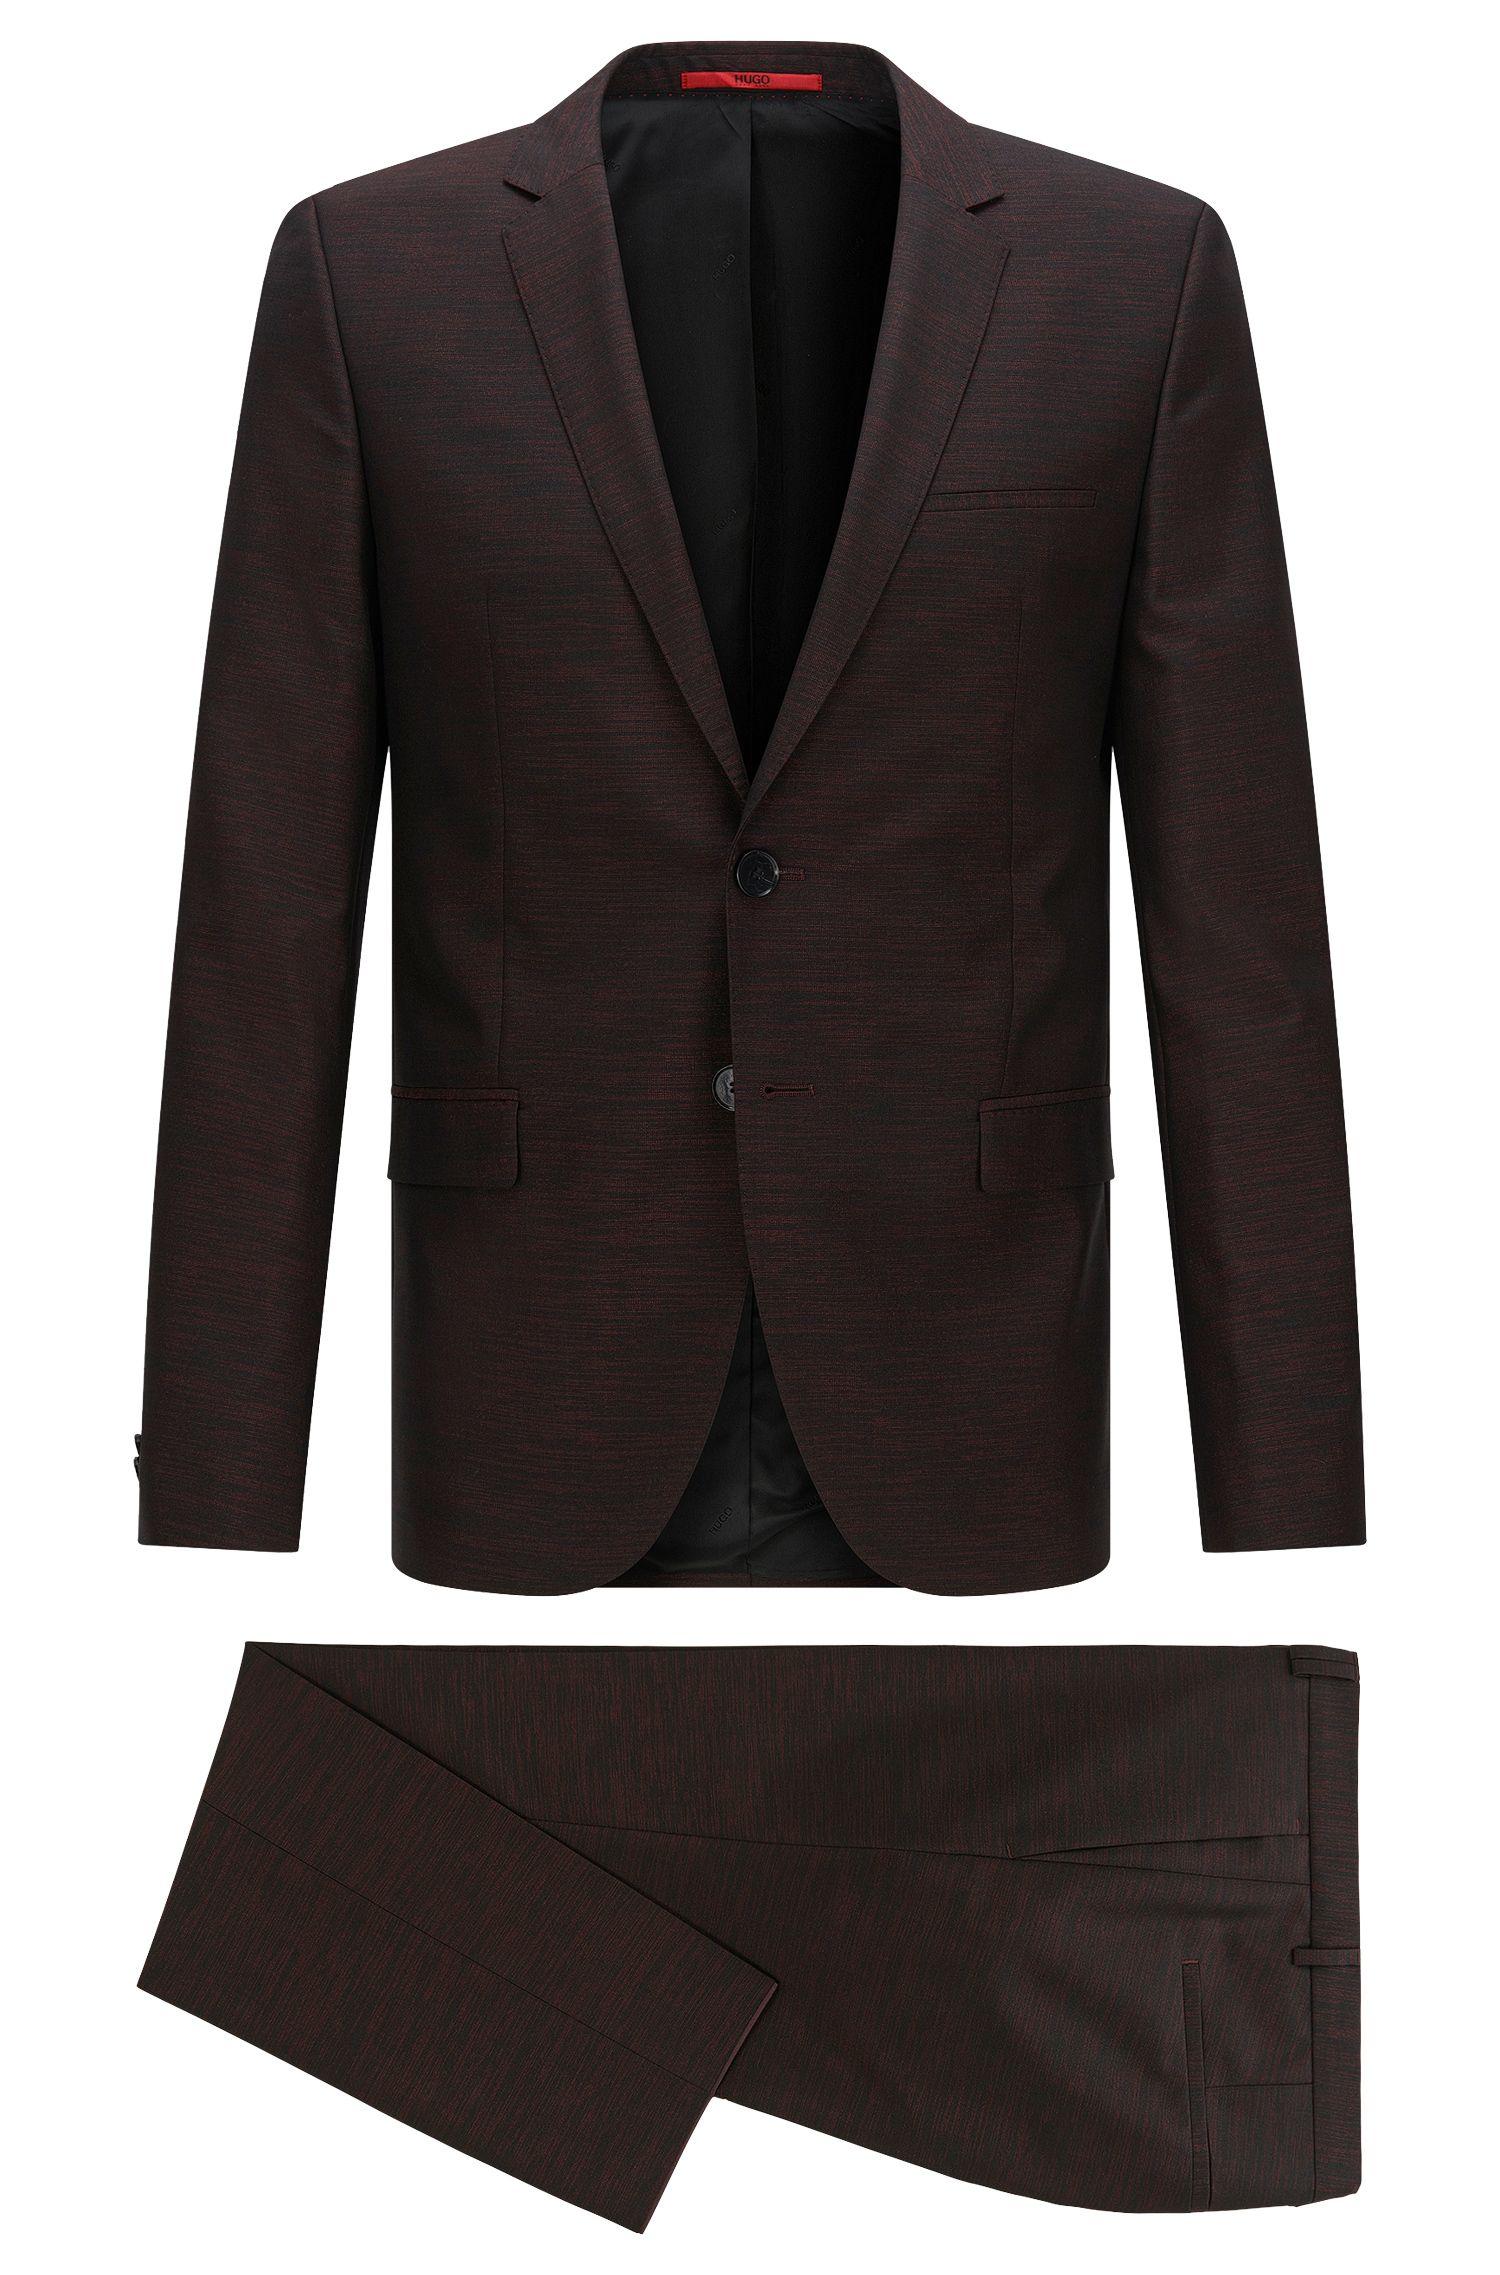 Virgin Wool Blend Suit, Slim Fit | Arti/Hesten